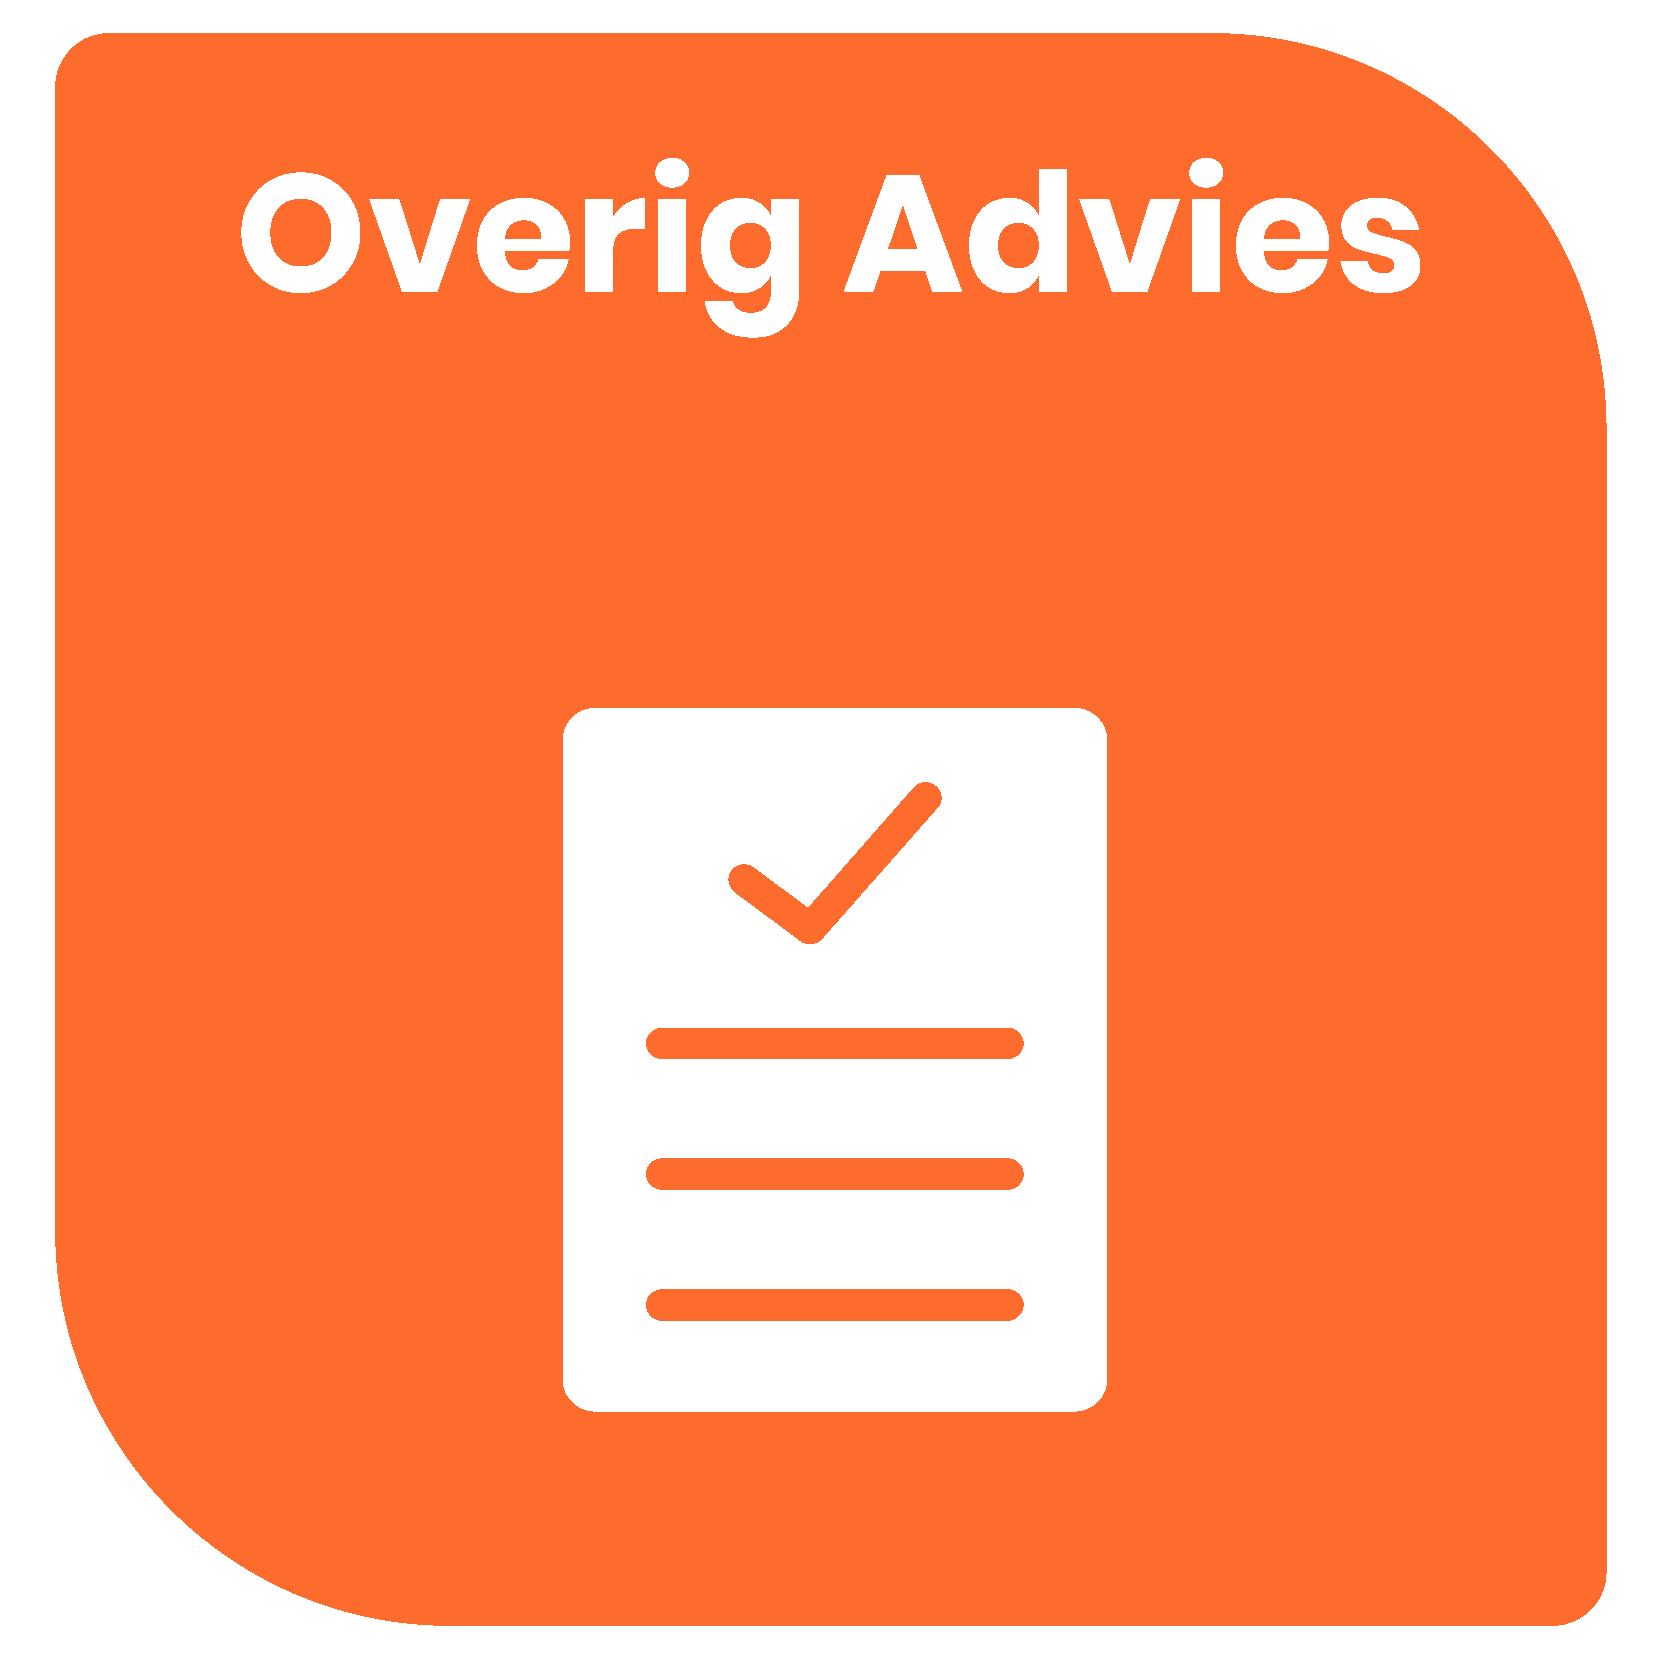 Overig advies